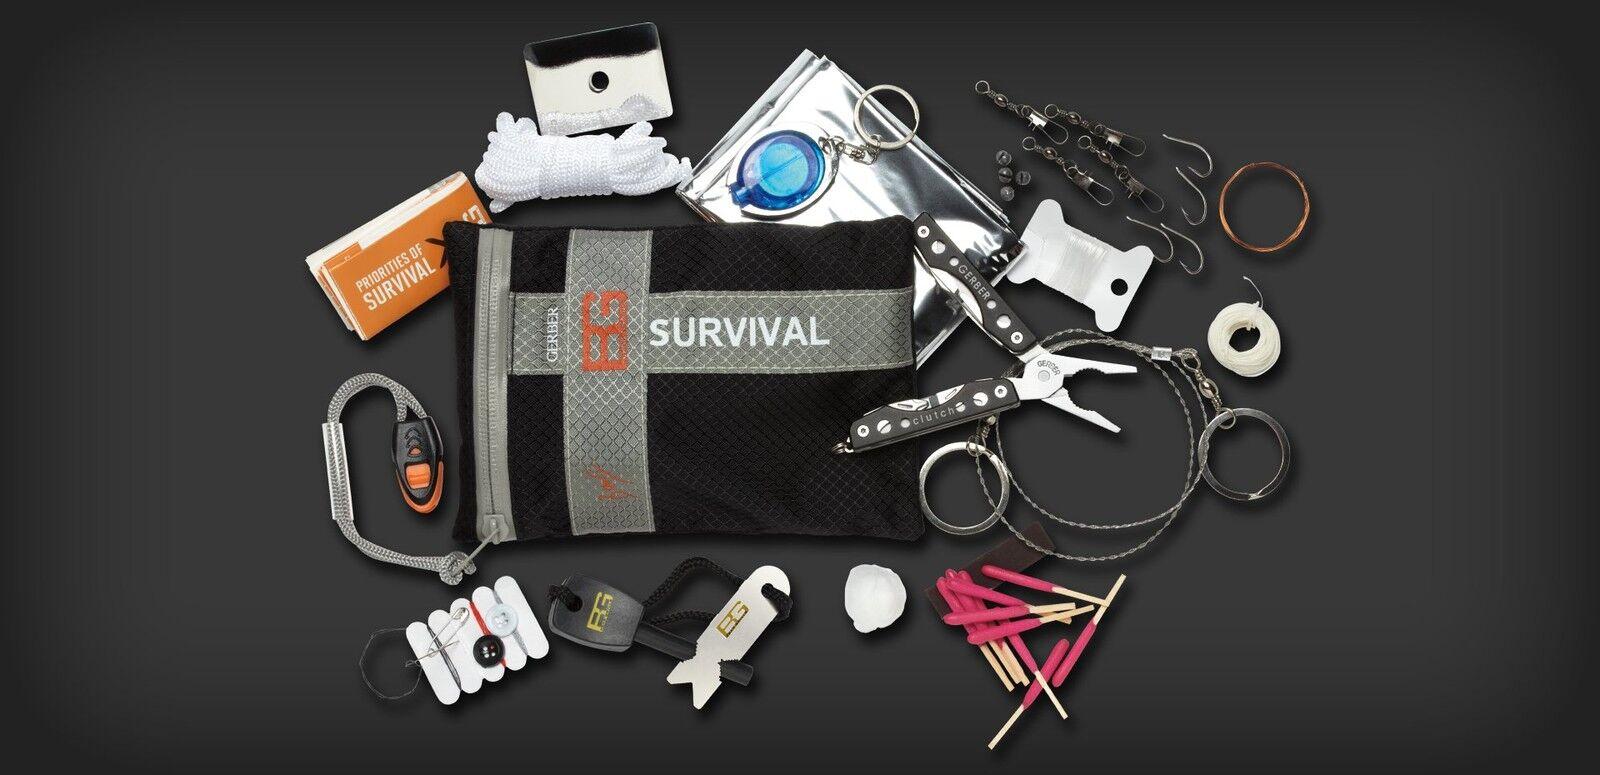 GERBER Bear Grylls Ultimate Kit 16 pz. Kit completo per la sopravvivenza